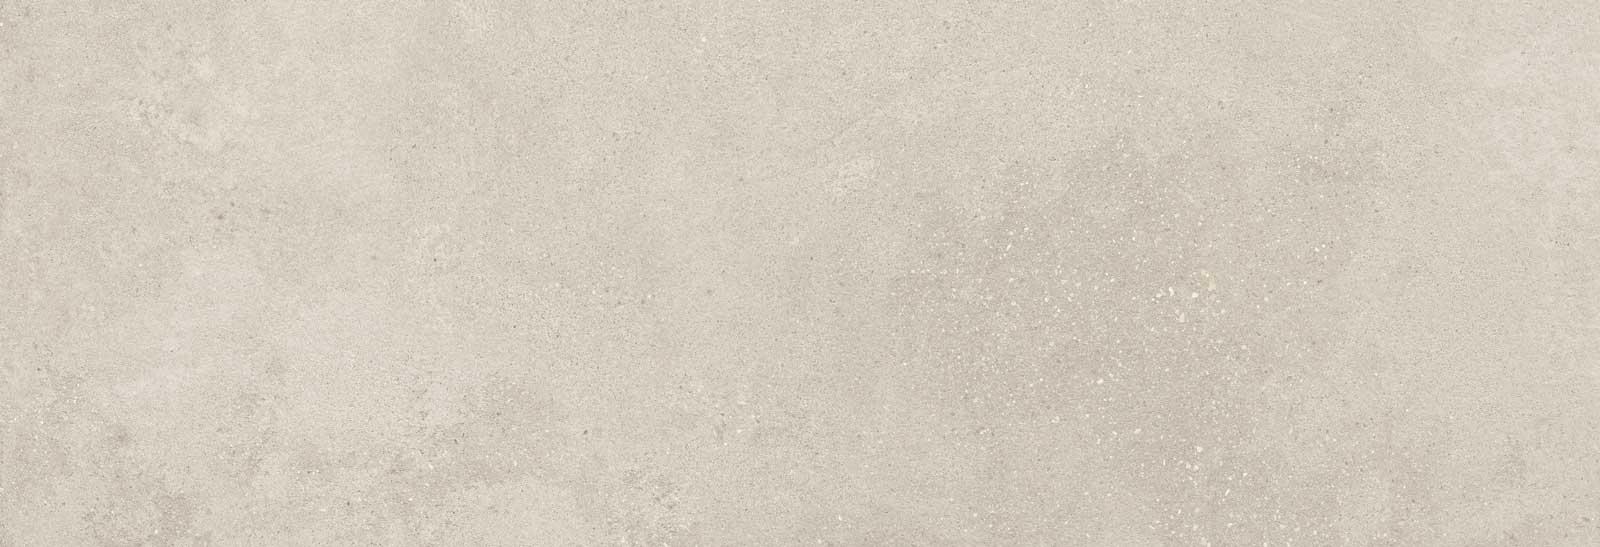 INTEGRA WALL GREIGE 40X120 REC